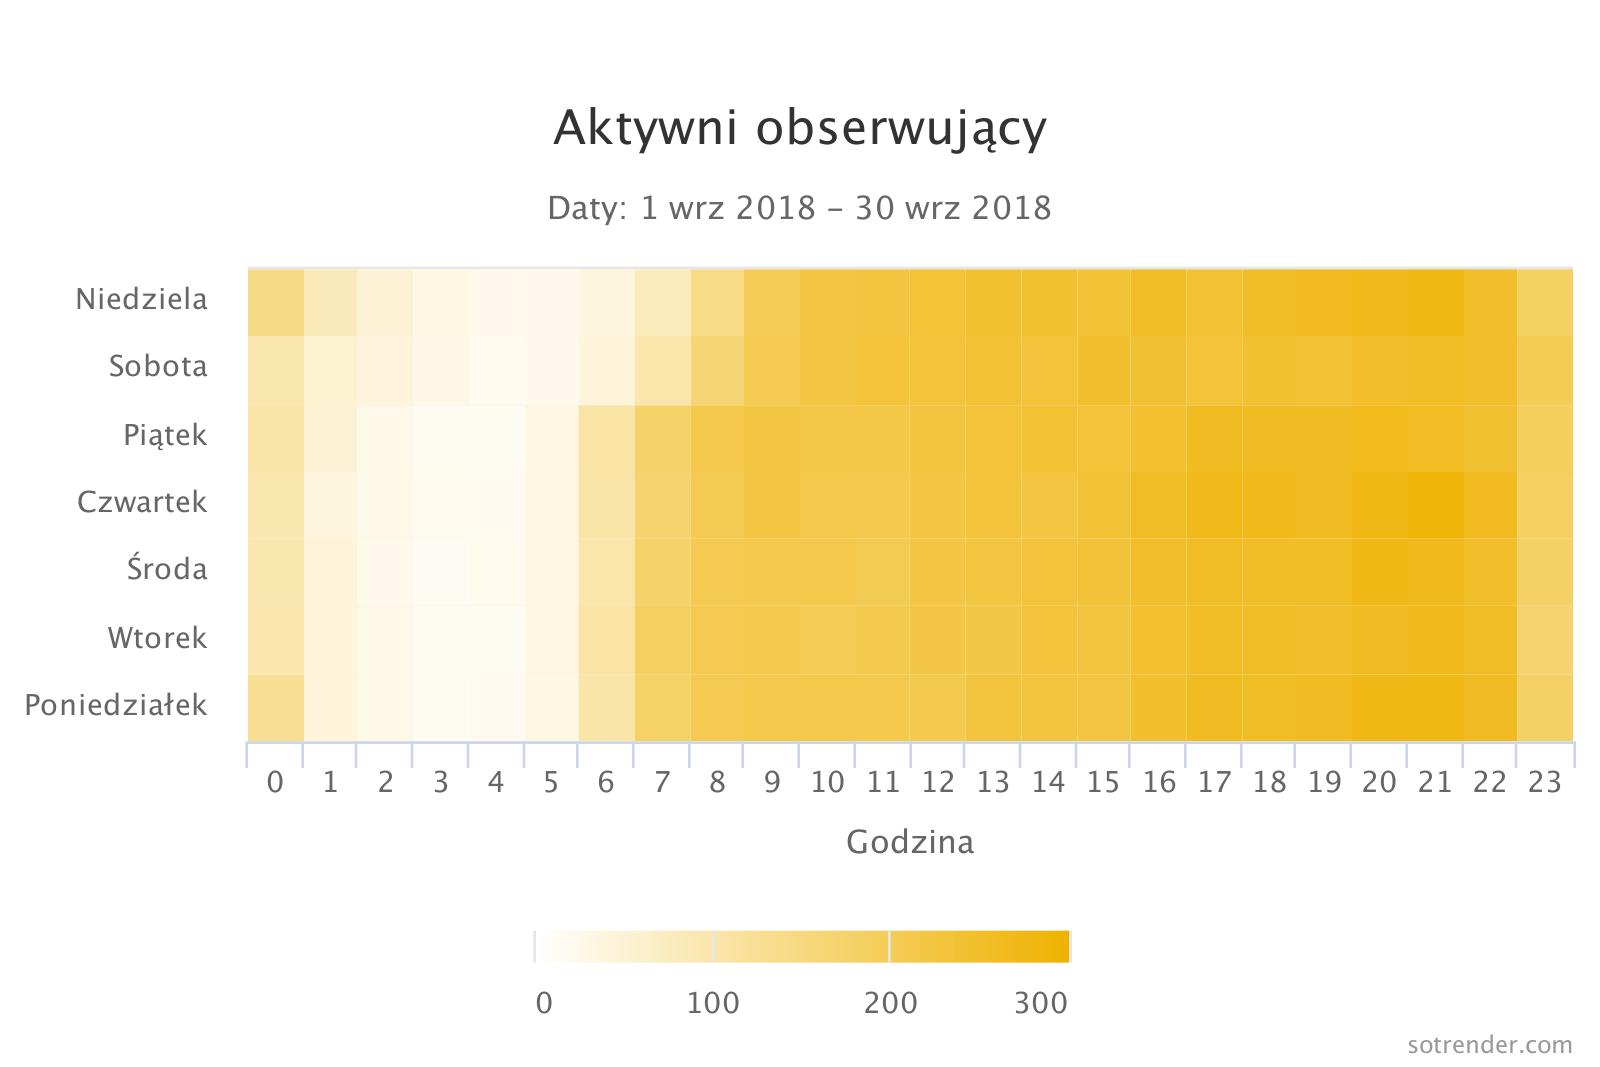 Aktywni obserwujący - heat mapa